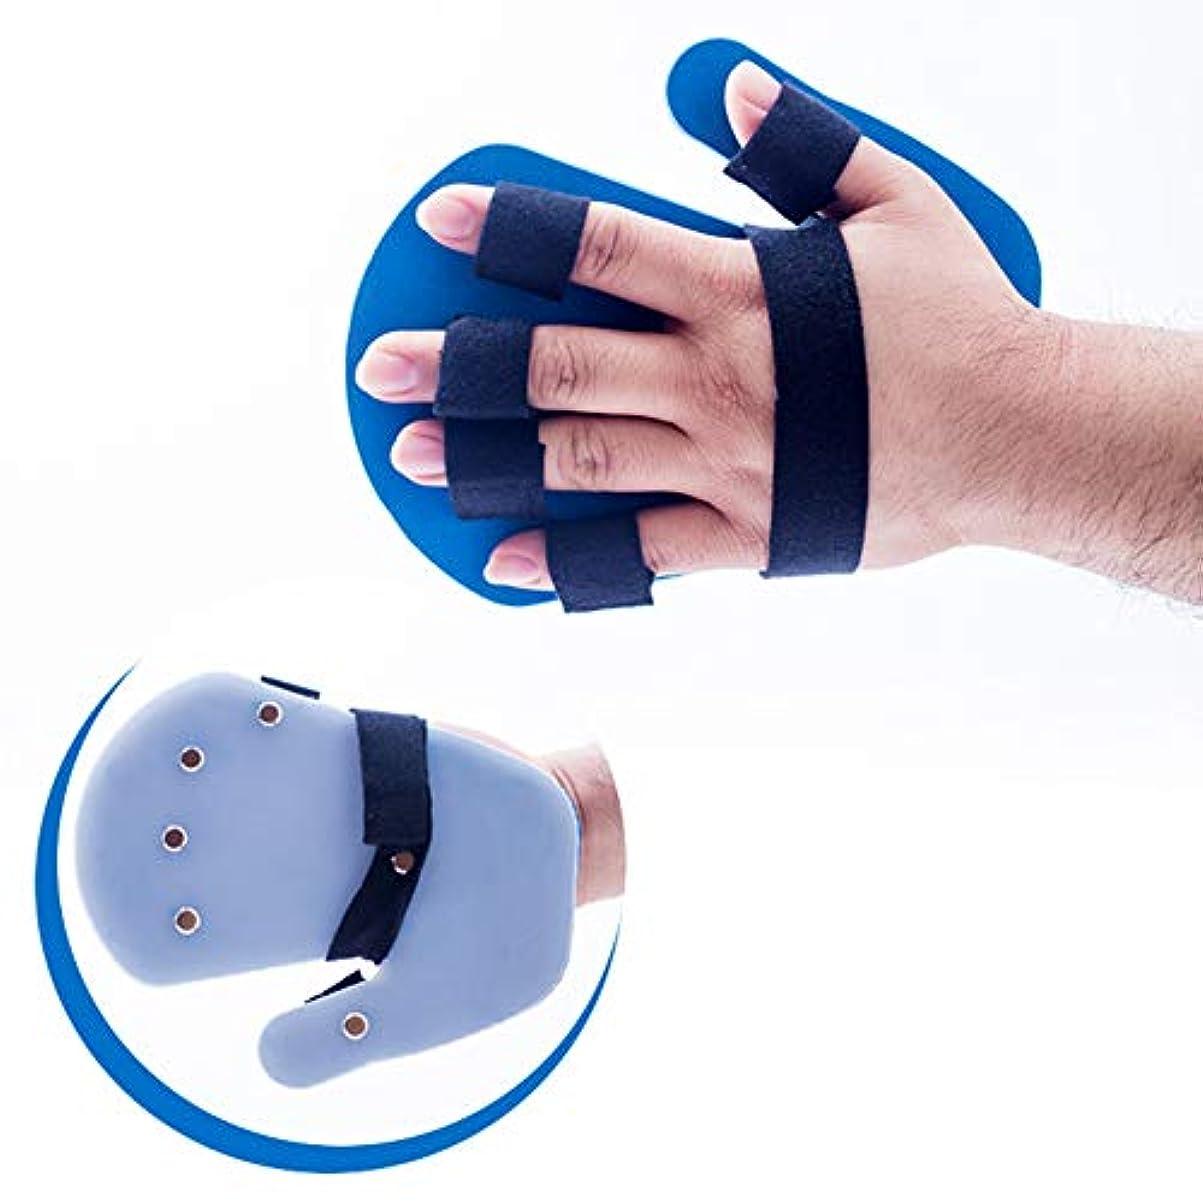 線補足証拠指のサポートスプリント親指手首の傷害回復スプリントフィンガーセパレーター手アライナー手根管関節の痛み軽減装具指サポートトレーニングブラケット,righthand